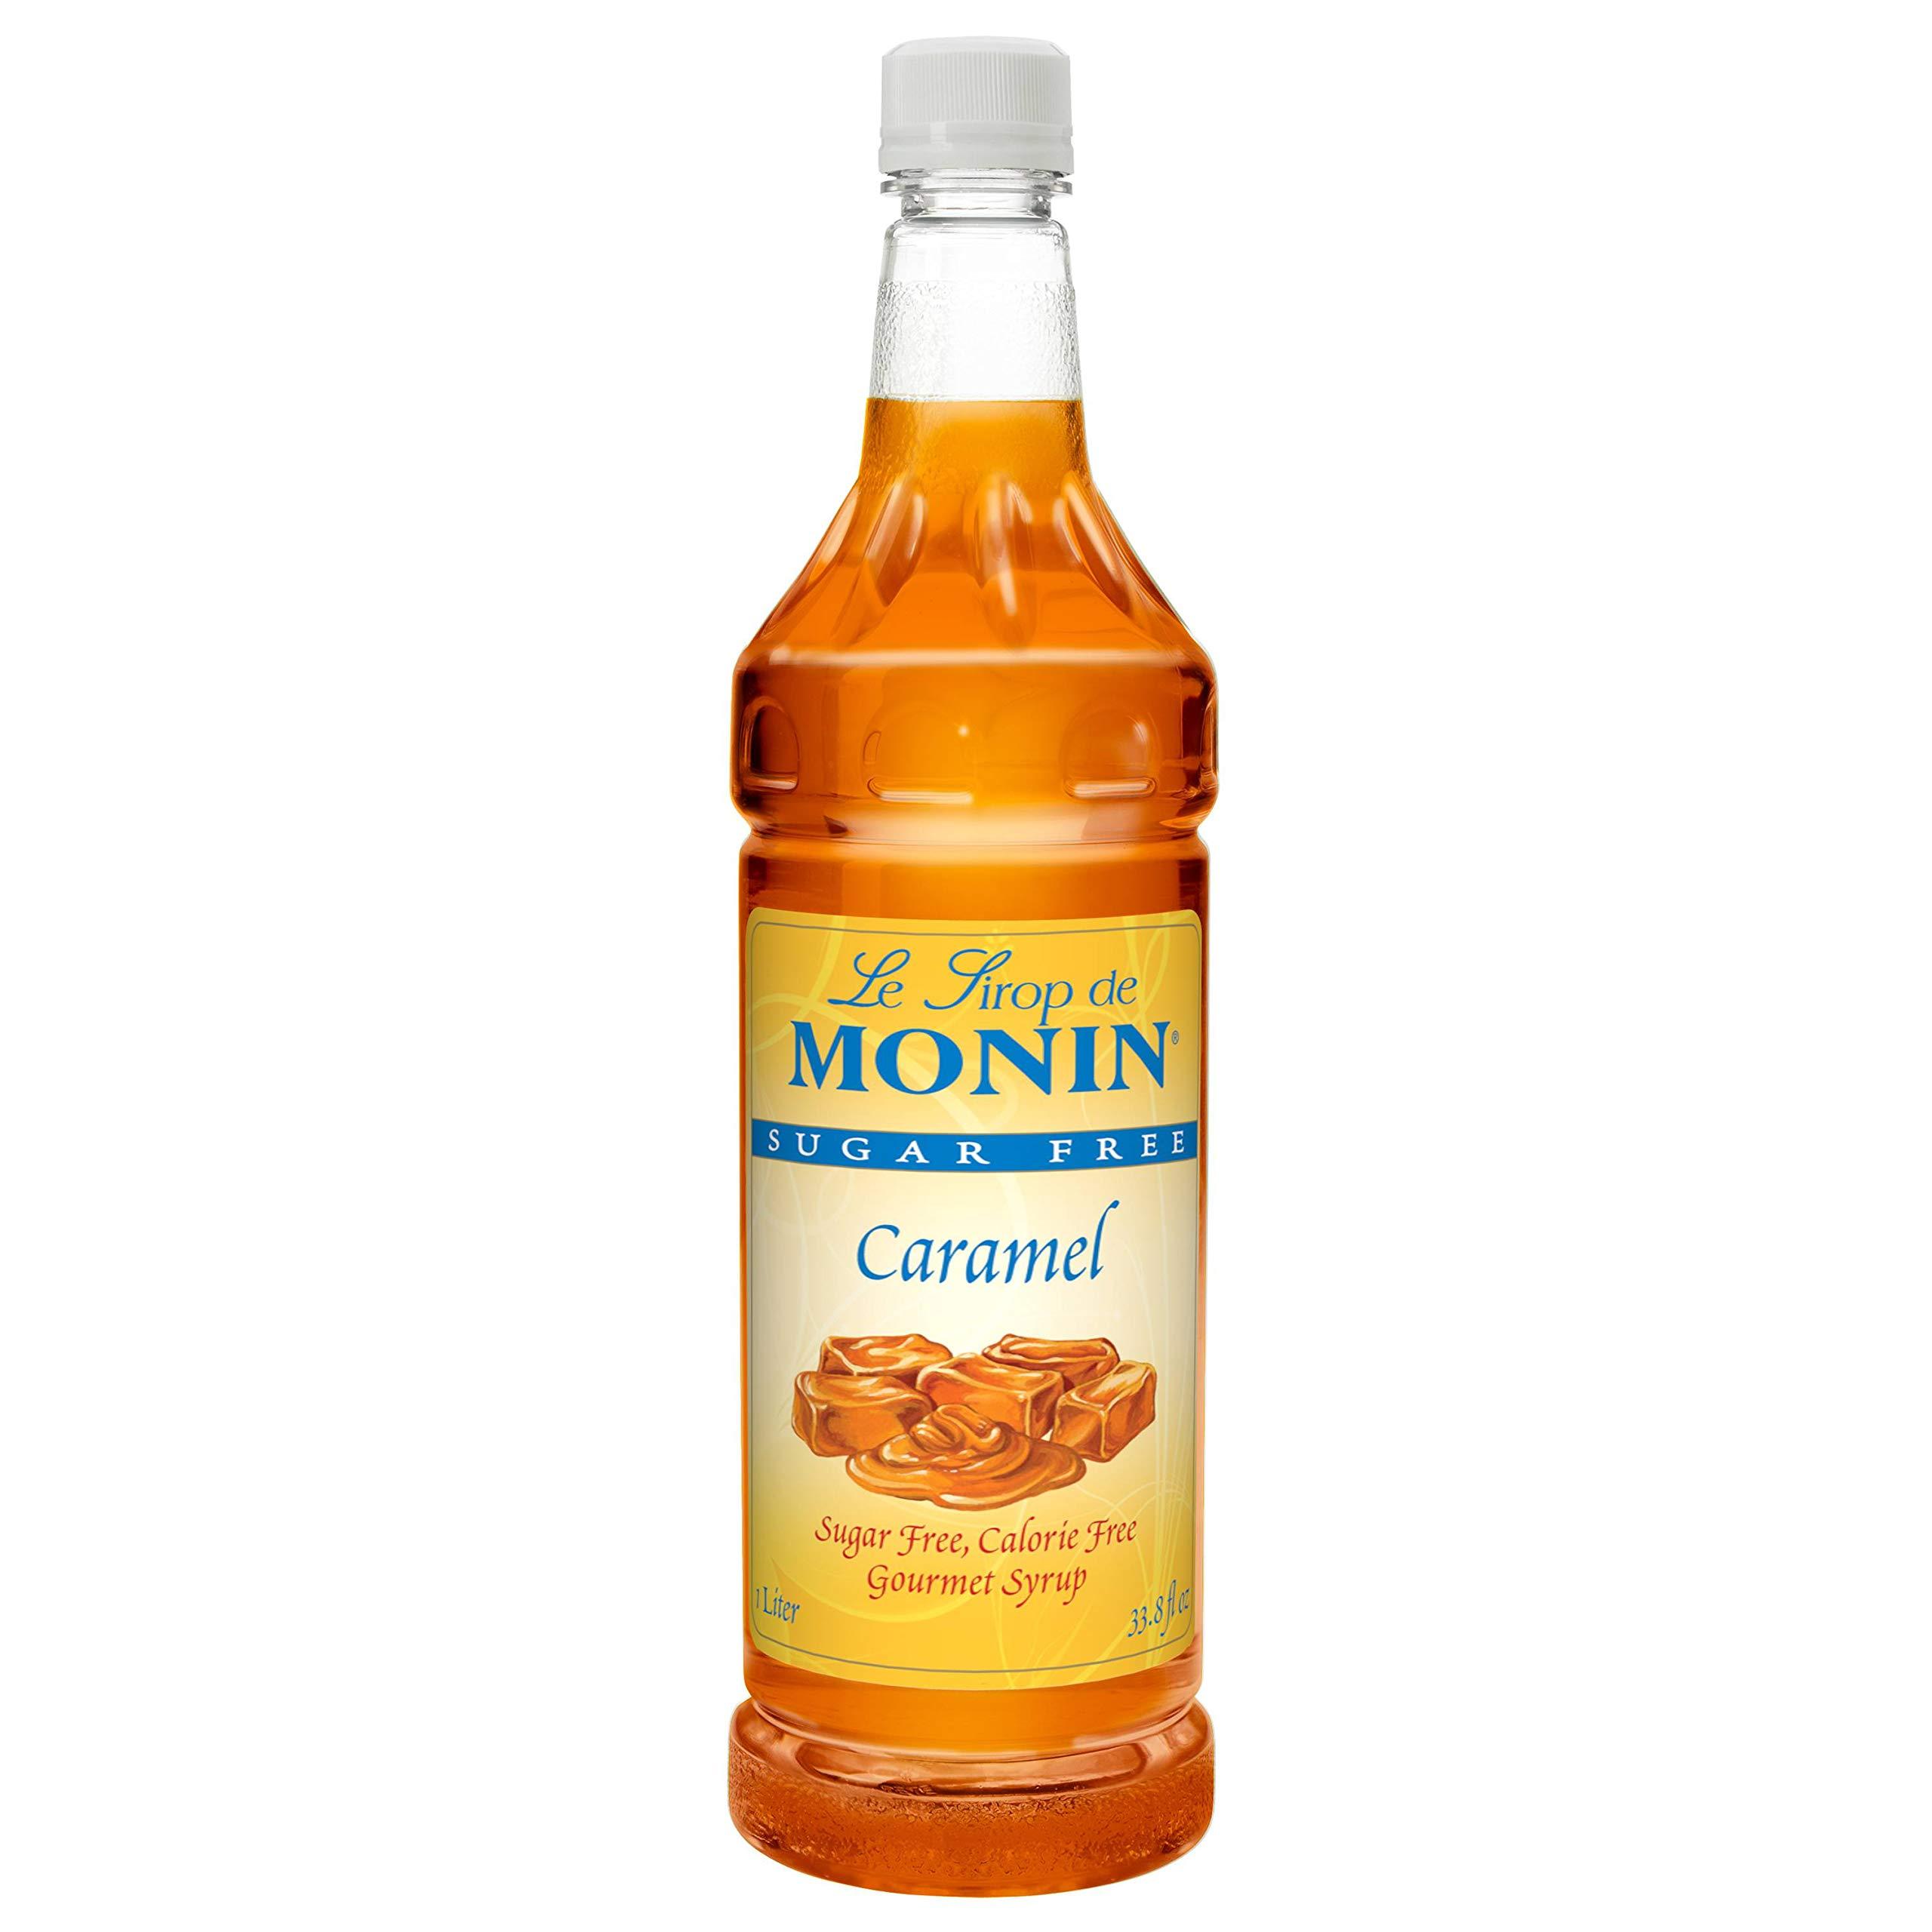 Monin Sugar Free Caramel Syrup 1 Liter, Pack of 4